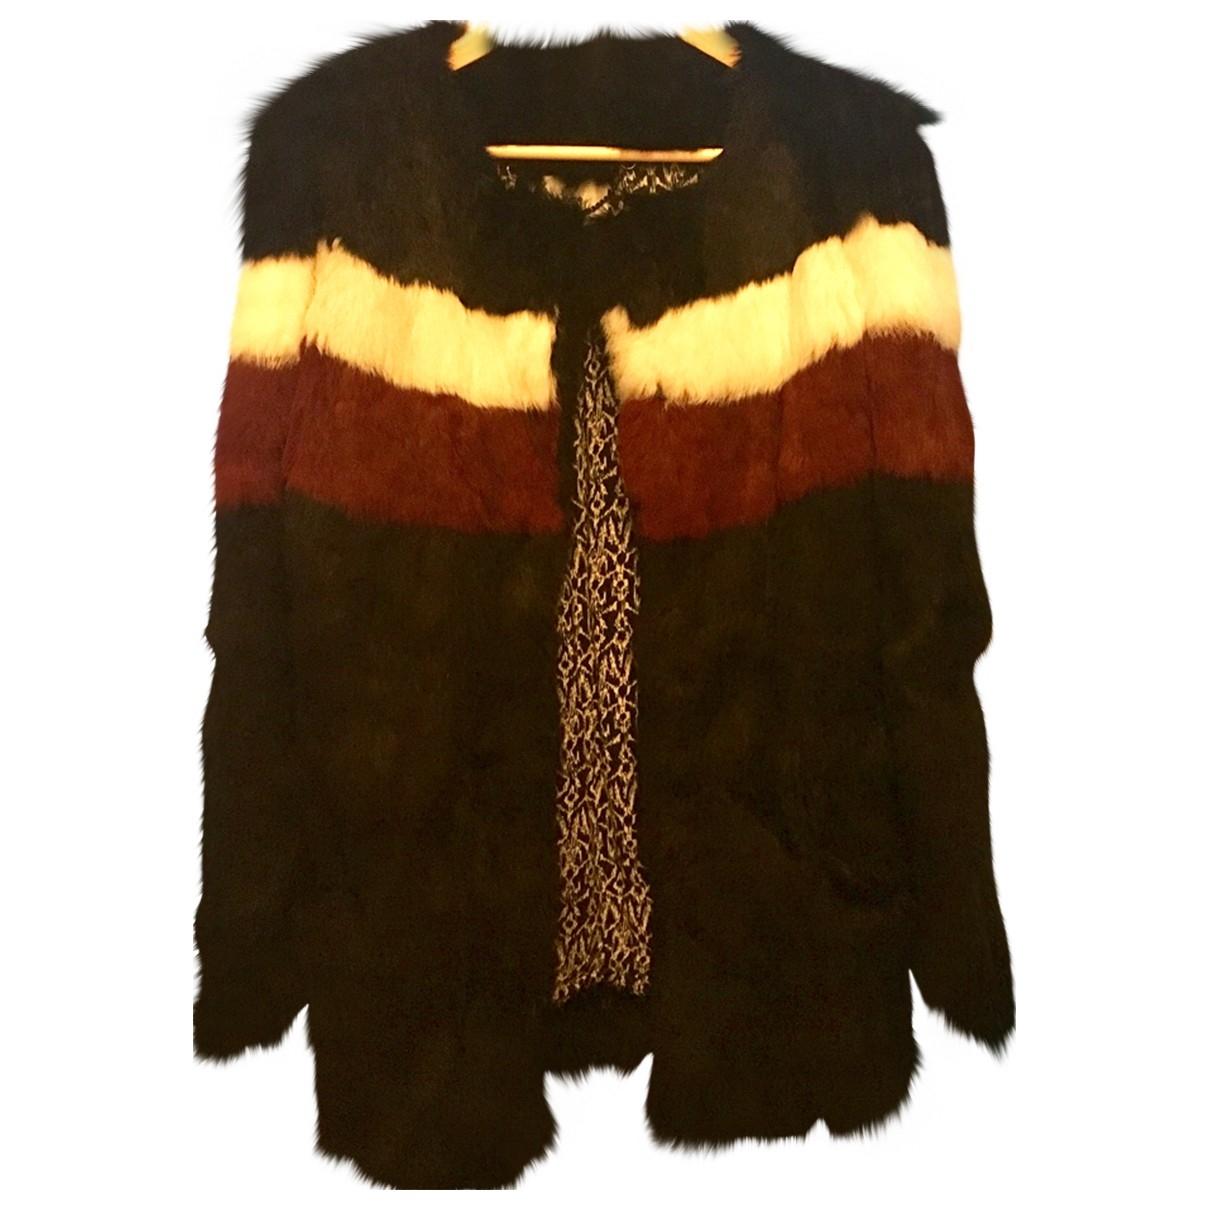 Suncoo \N Black Rabbit coat for Women 38 FR